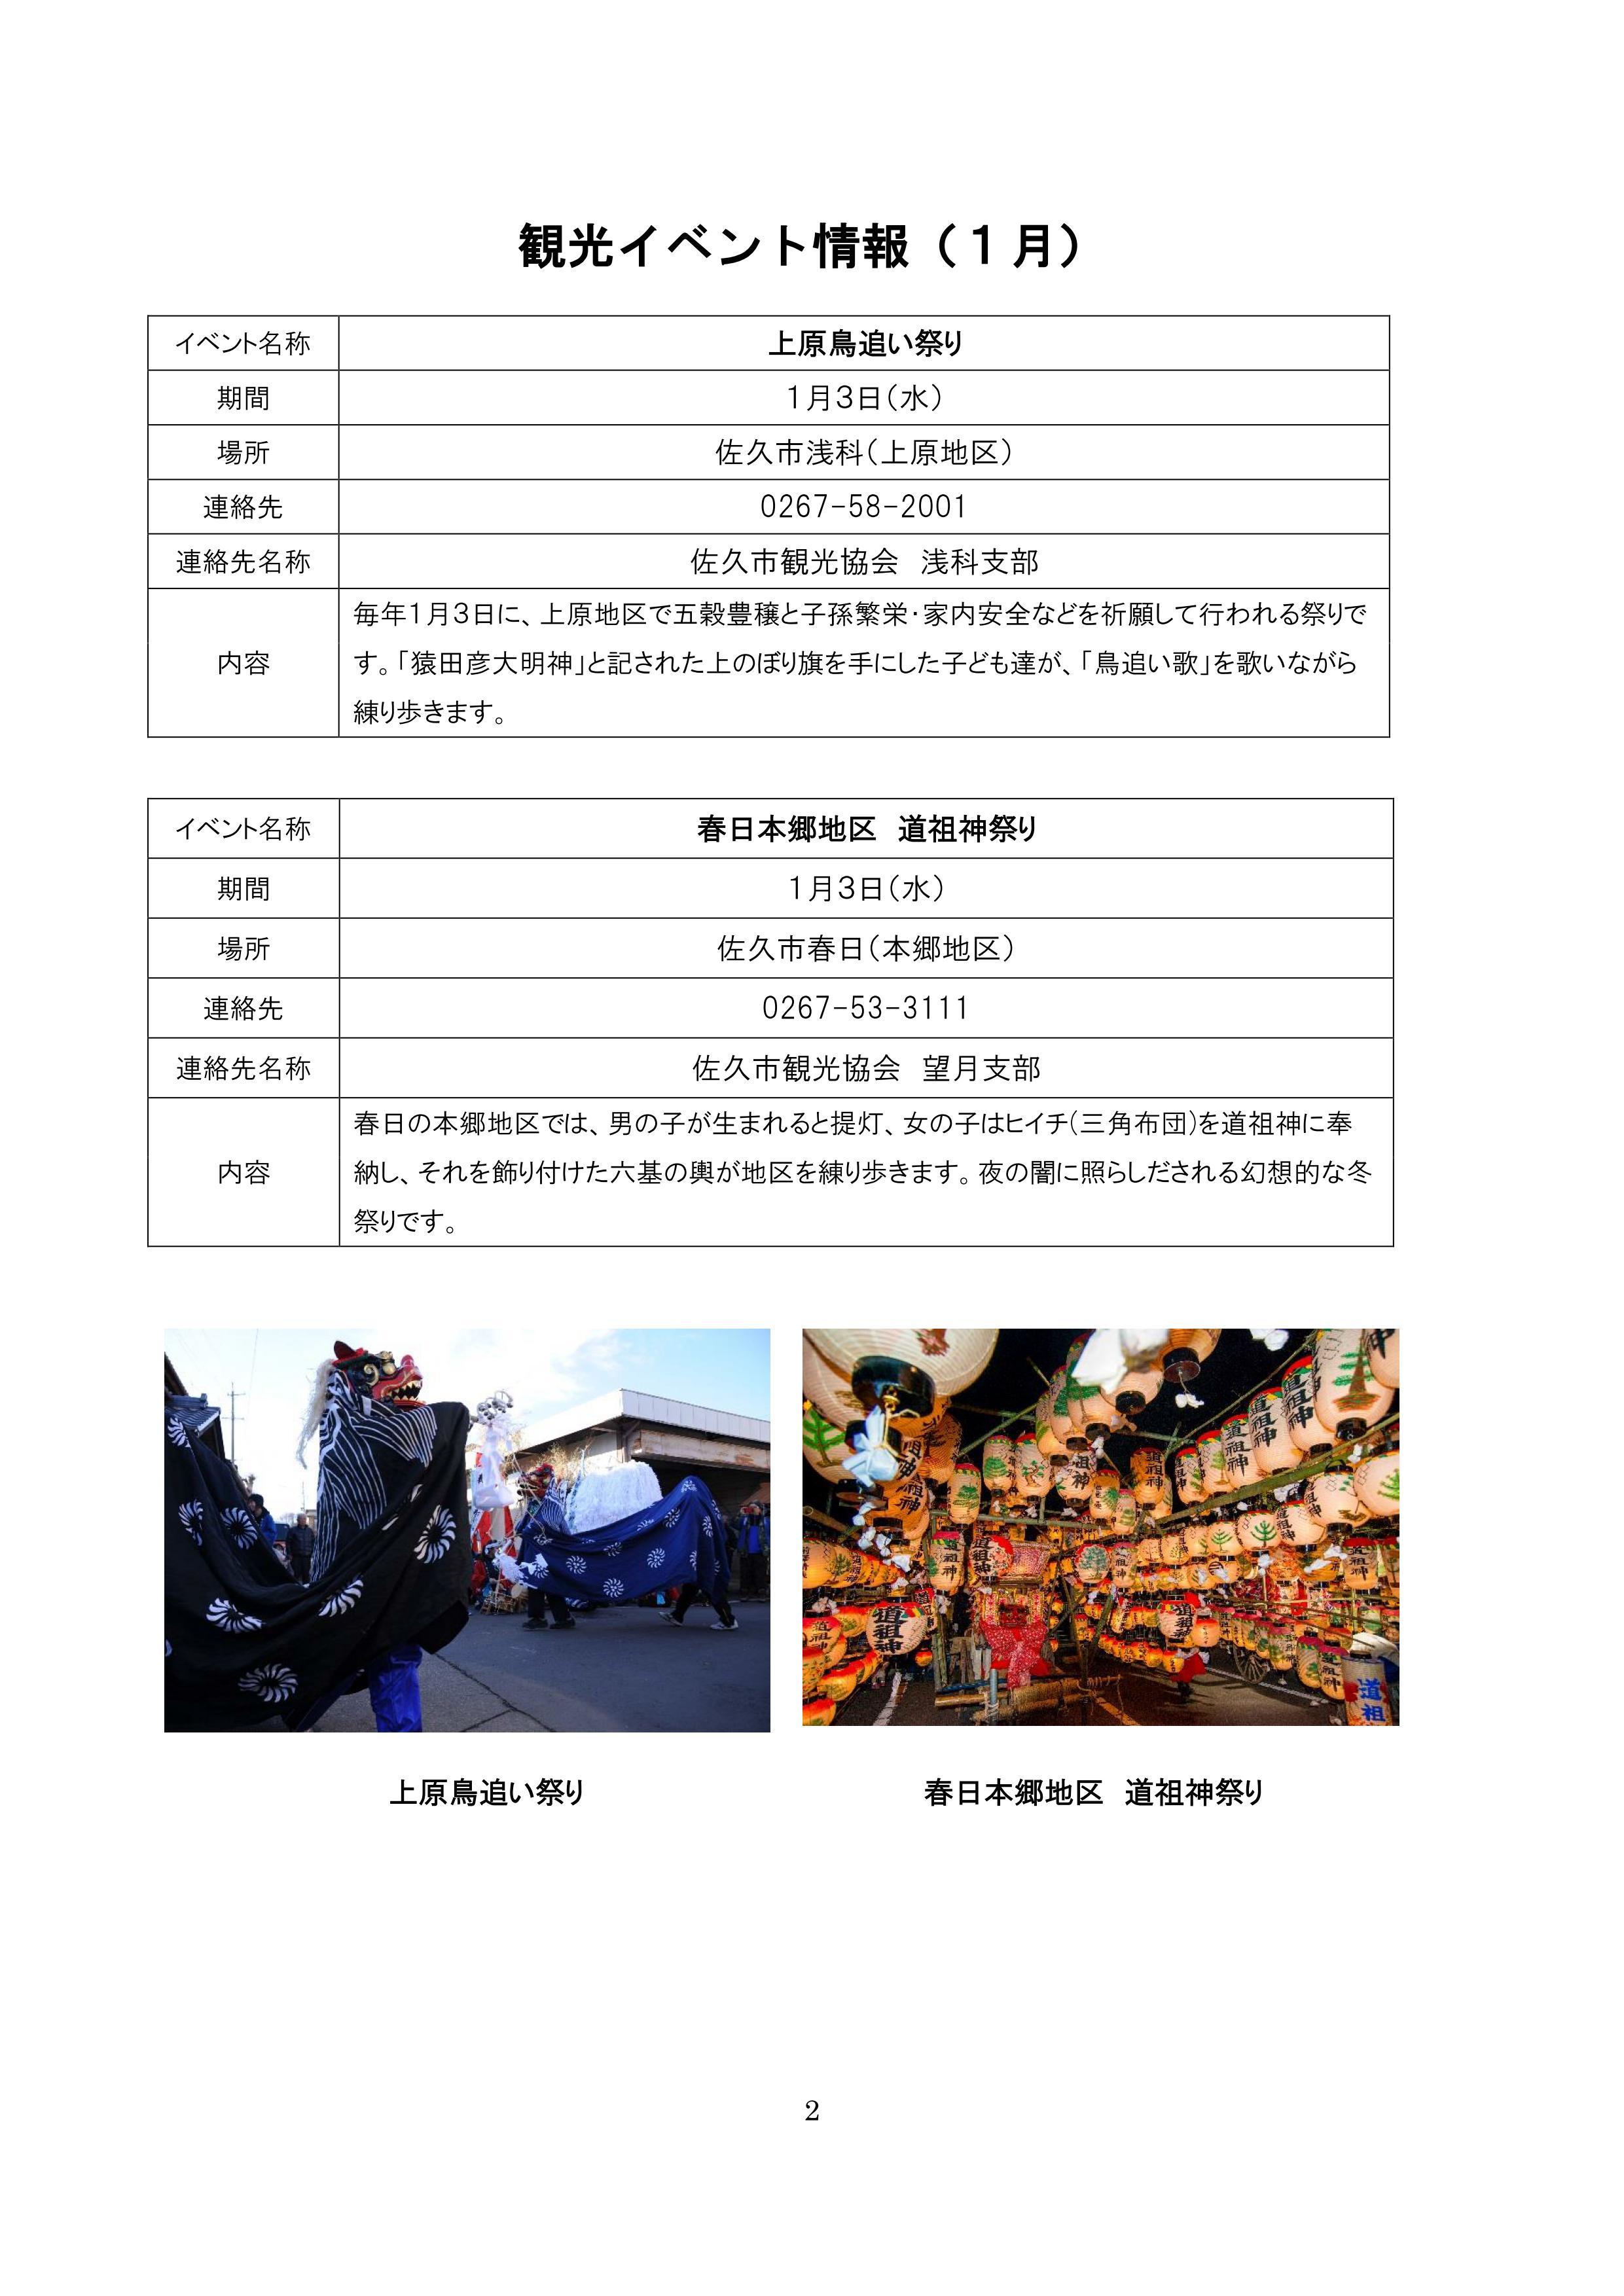 http://www.sakukankou.jp/topics/%E8%A6%B3%E5%85%89%E3%82%A4%E3%83%99%E3%83%B3%E3%83%88%E6%83%85%E5%A0%B1%EF%BC%881%E6%9C%88%EF%BC%89_02.jpg